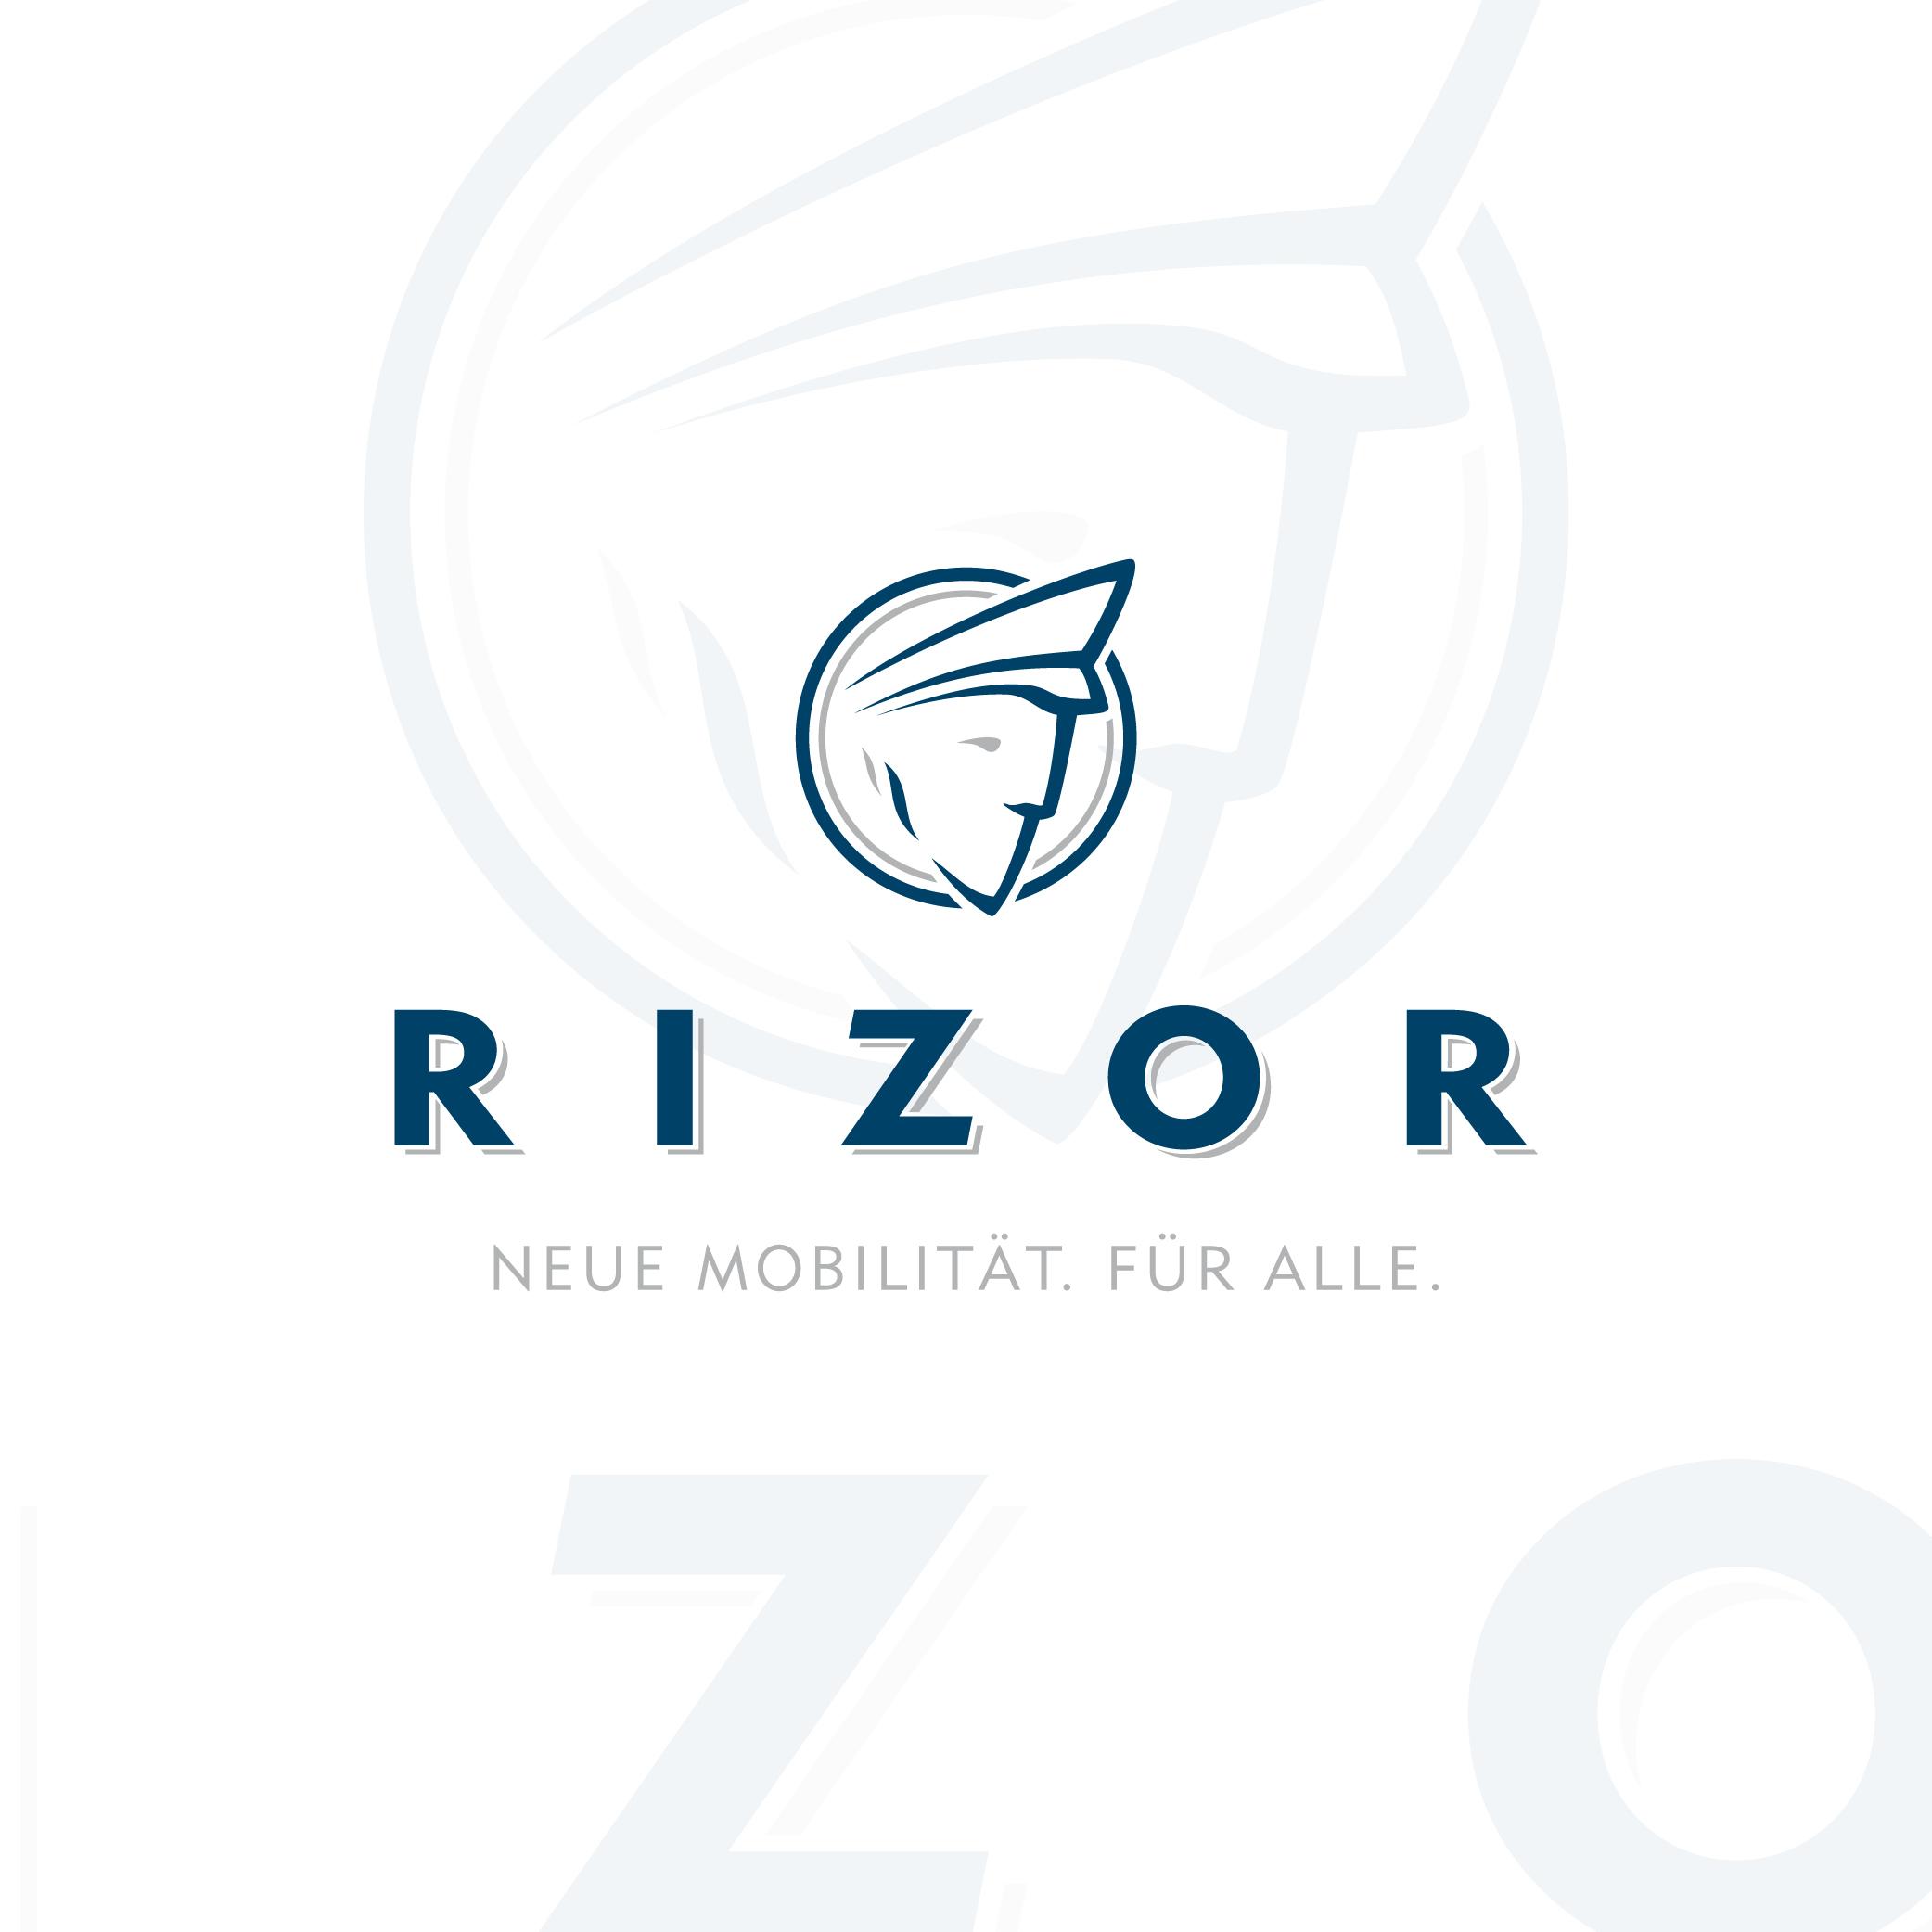 Rizor Hildesheim, Wort-Bildmarke